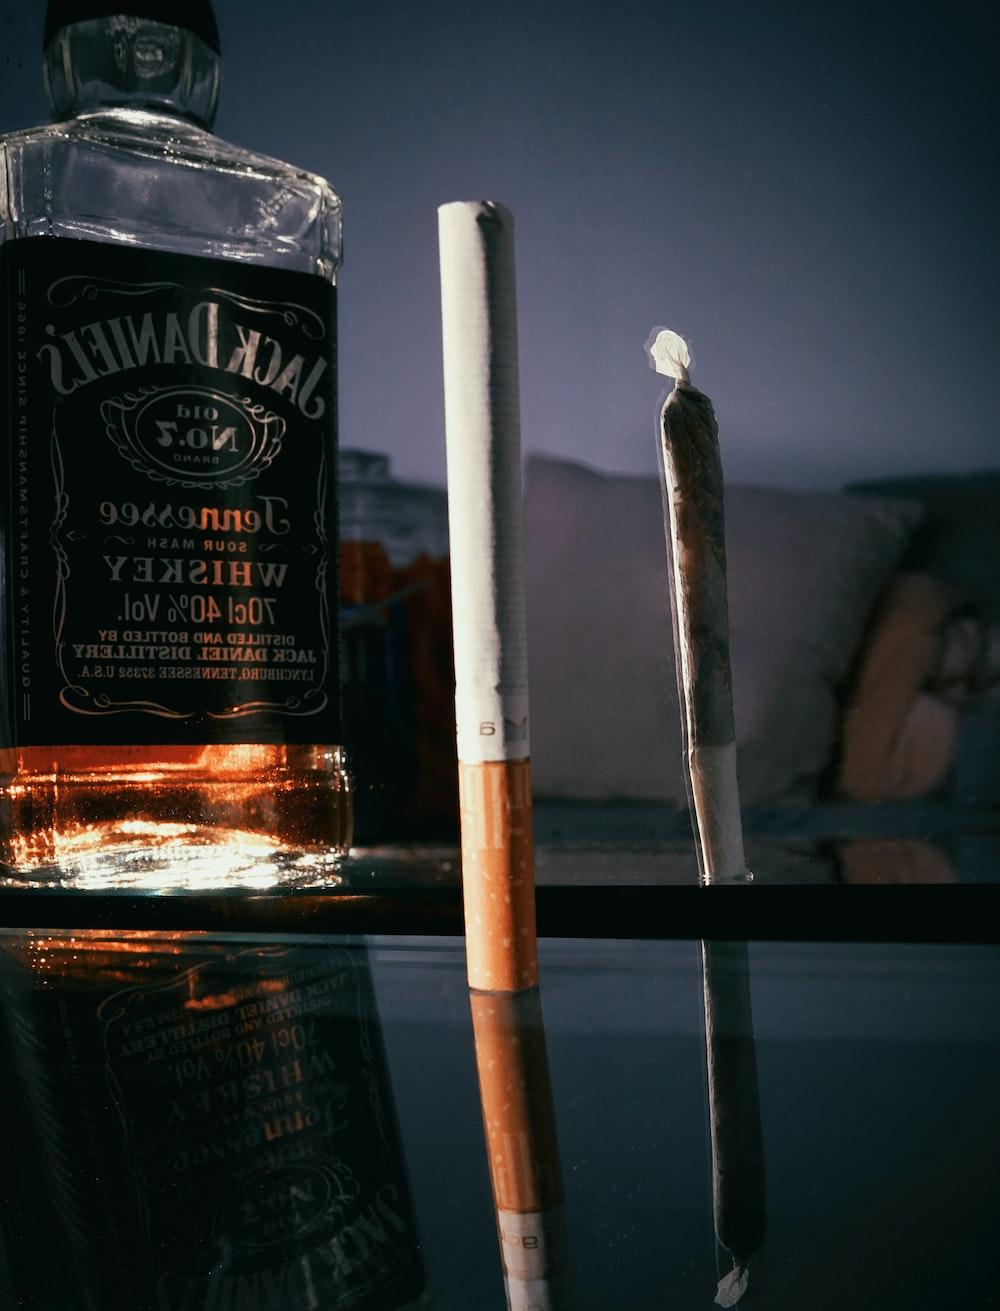 Jack Daniel's Whisky bottle